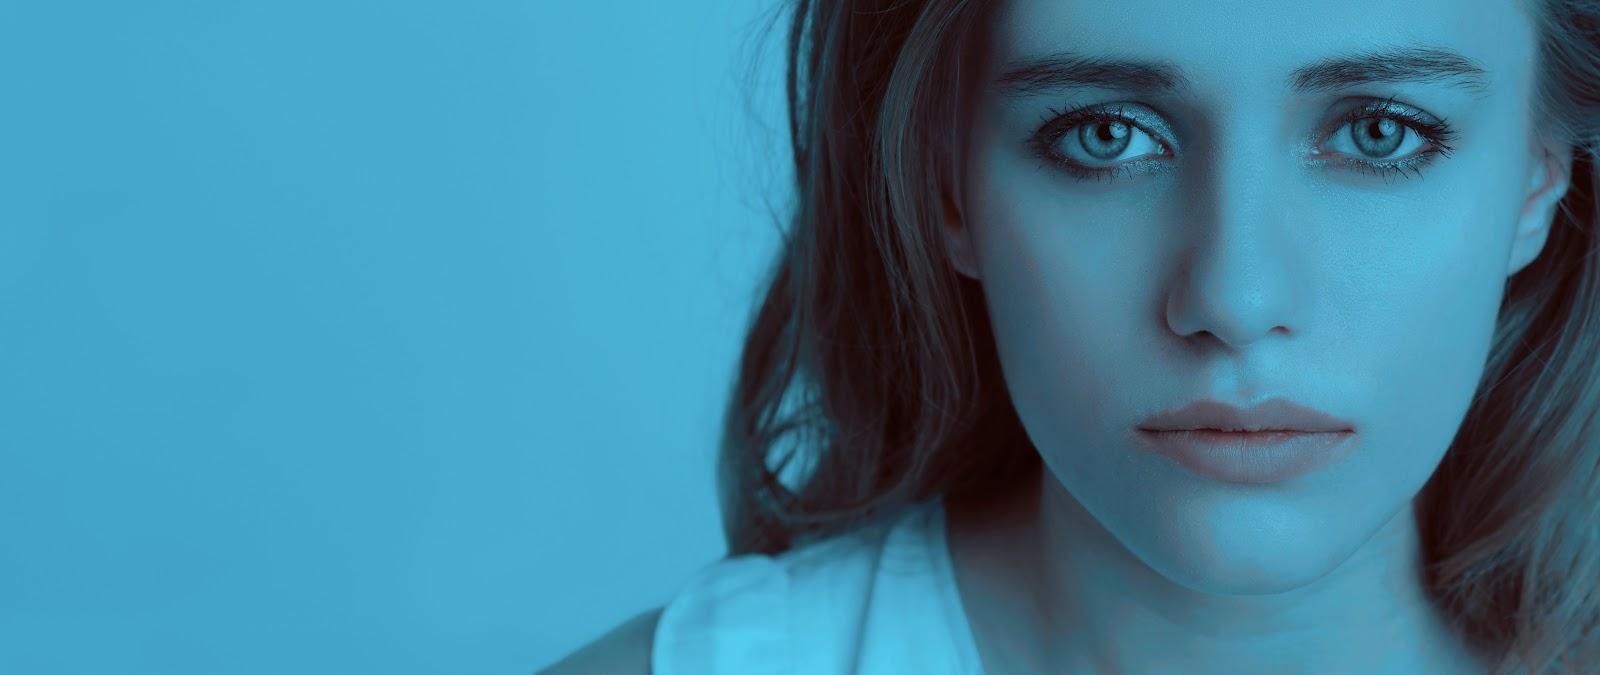 青い雰囲気の中の悲しい少女の顔